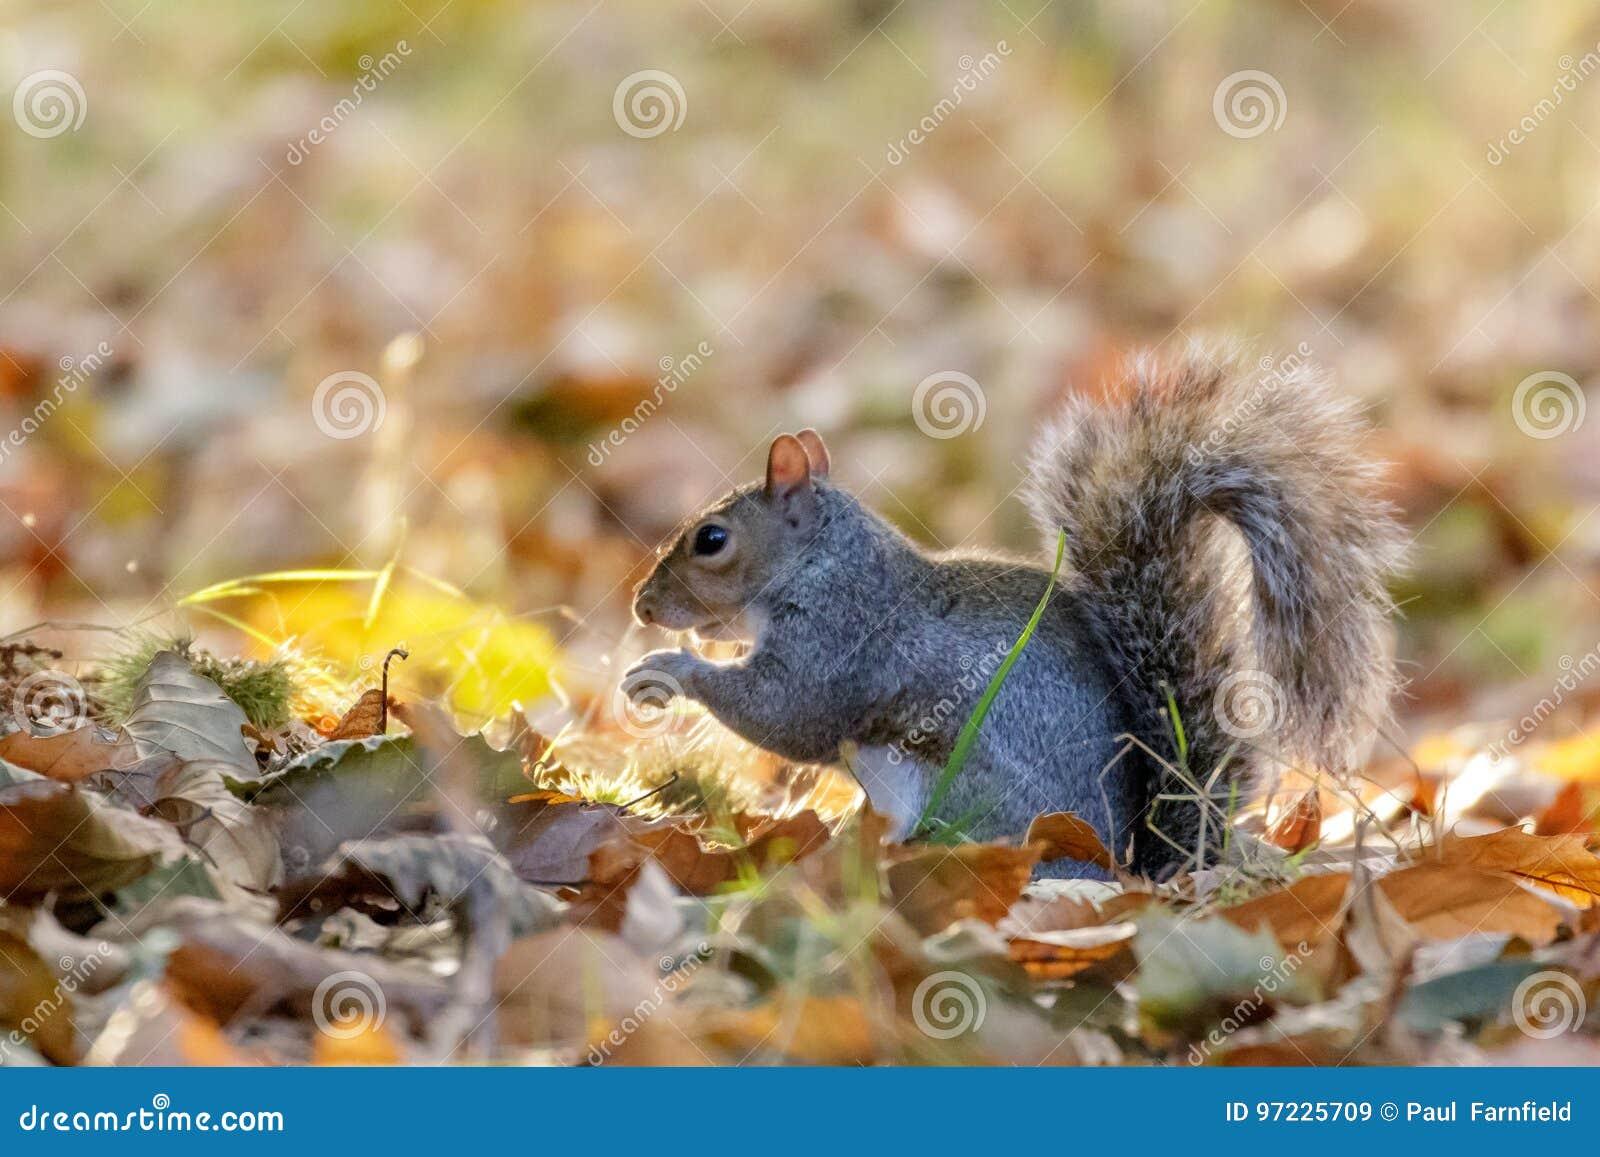 灰色或灰色灰鼠中型松鼠carolinensis搜寻